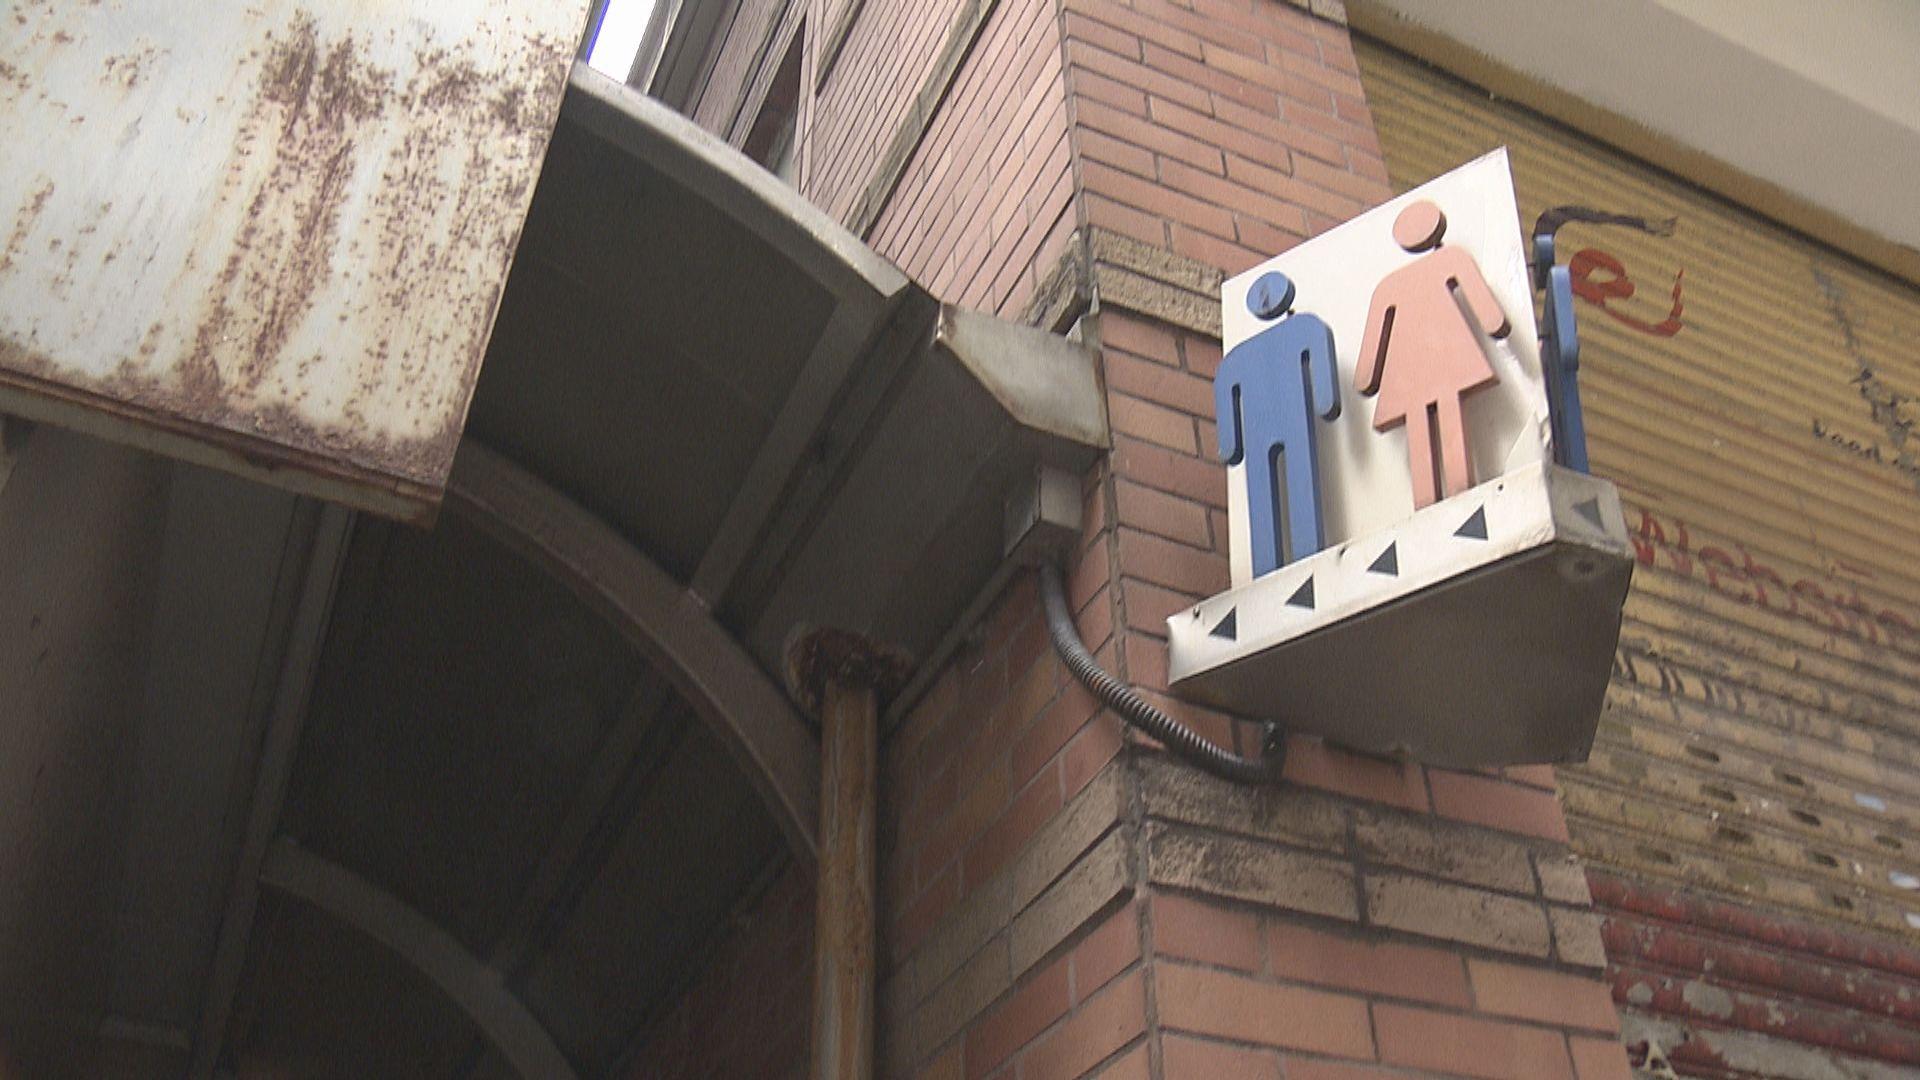 公廁外判商失責 申訴專員與建築署研究提升罰則